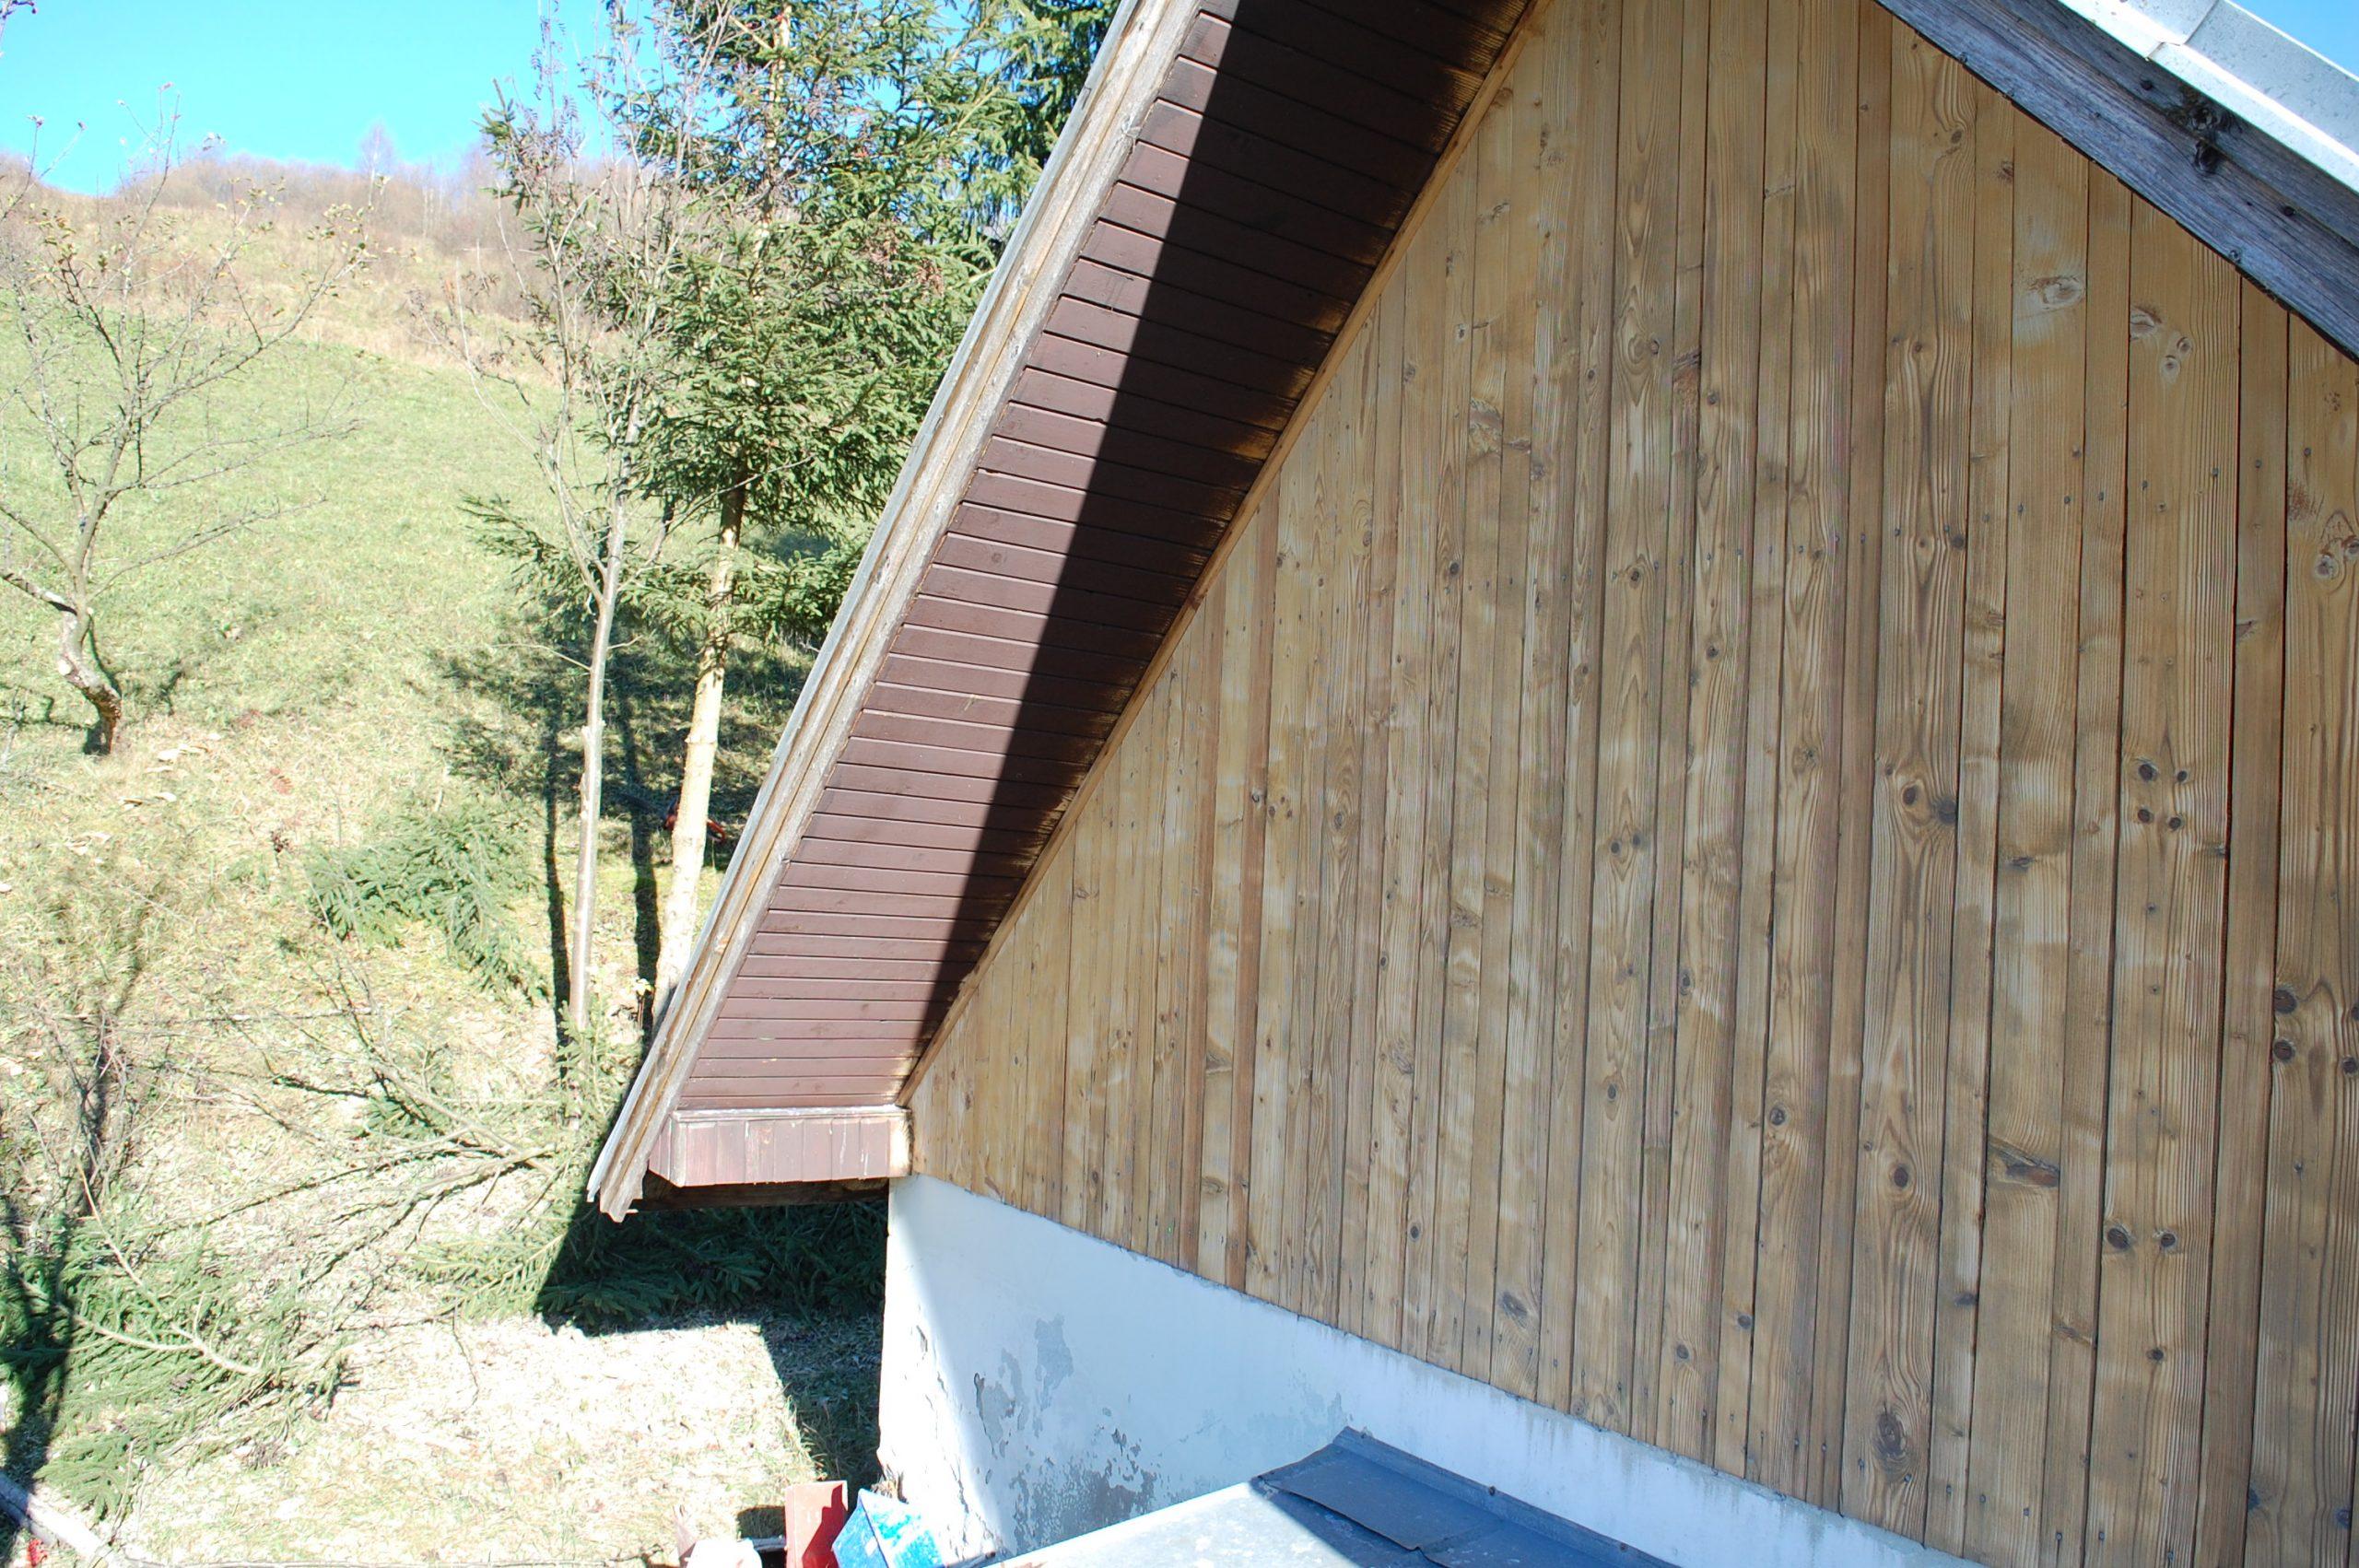 mobilné pieskovanie chaty